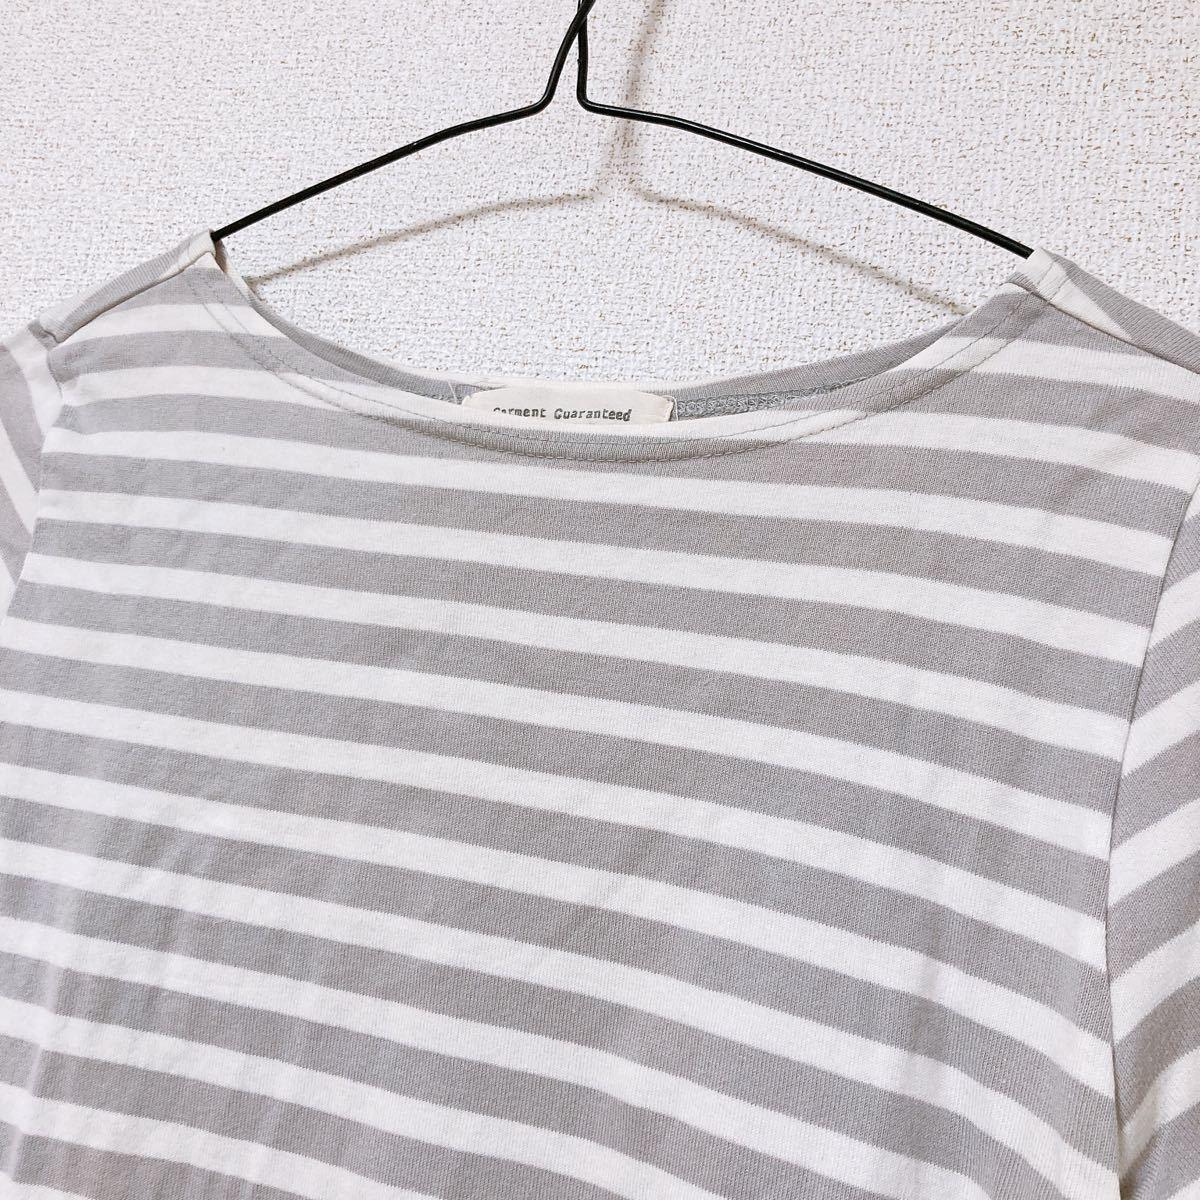 ボーダーカットソー 長袖Tシャツ グレー